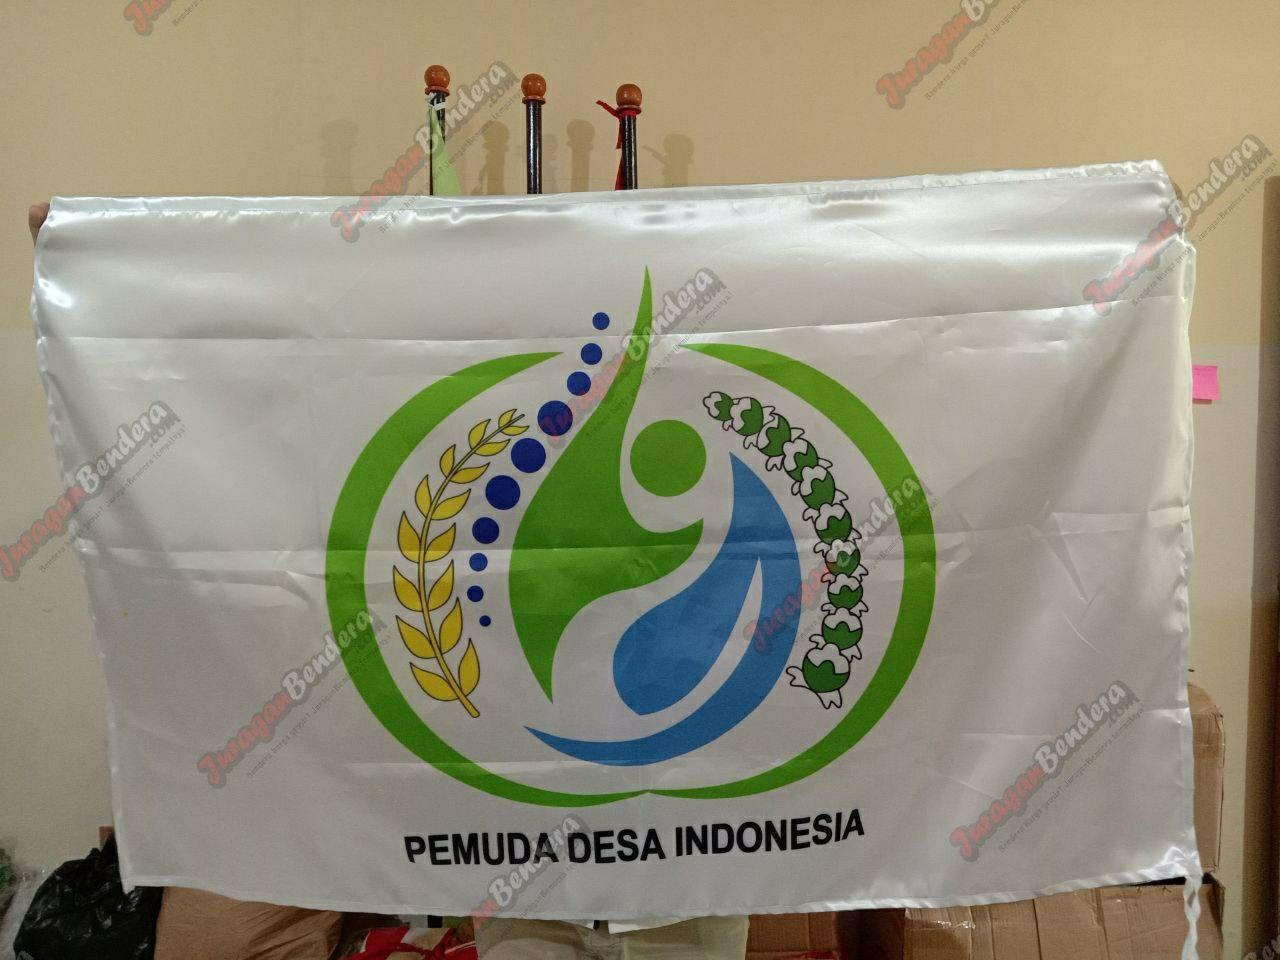 bendera custom pemuda desa indonesia